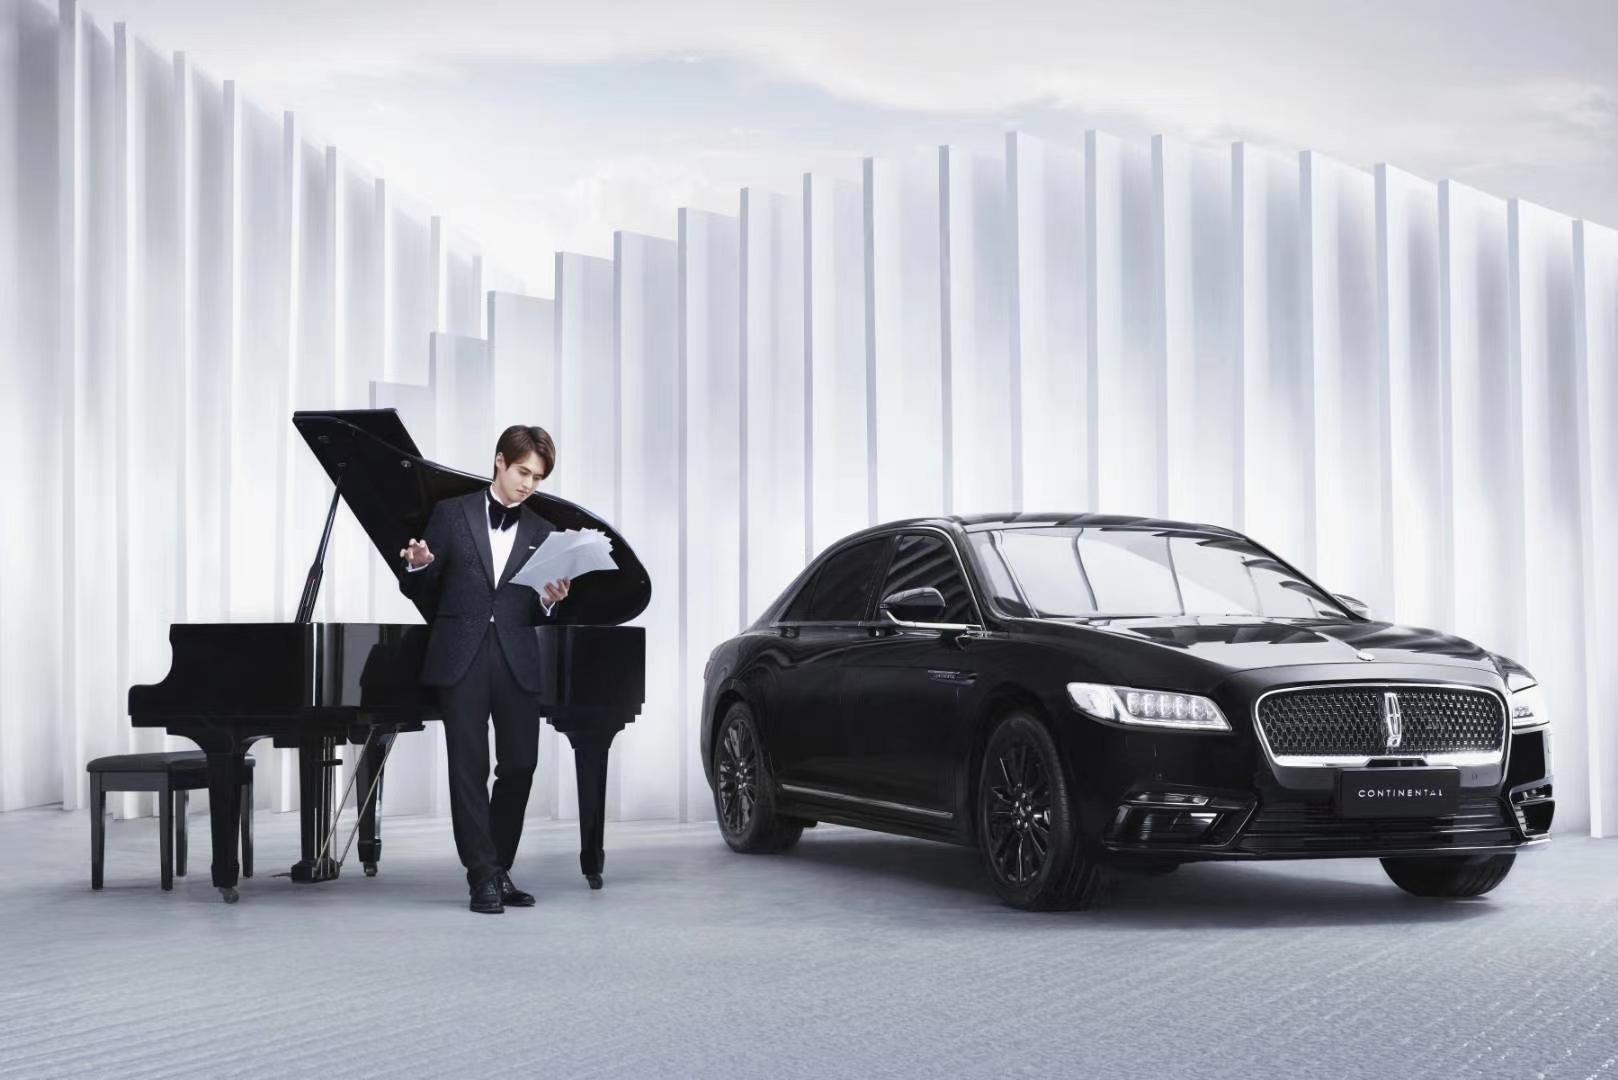 林肯 X 钢琴家林肯大陆MONO限量版携手青年钢琴家张浩天黑白两道